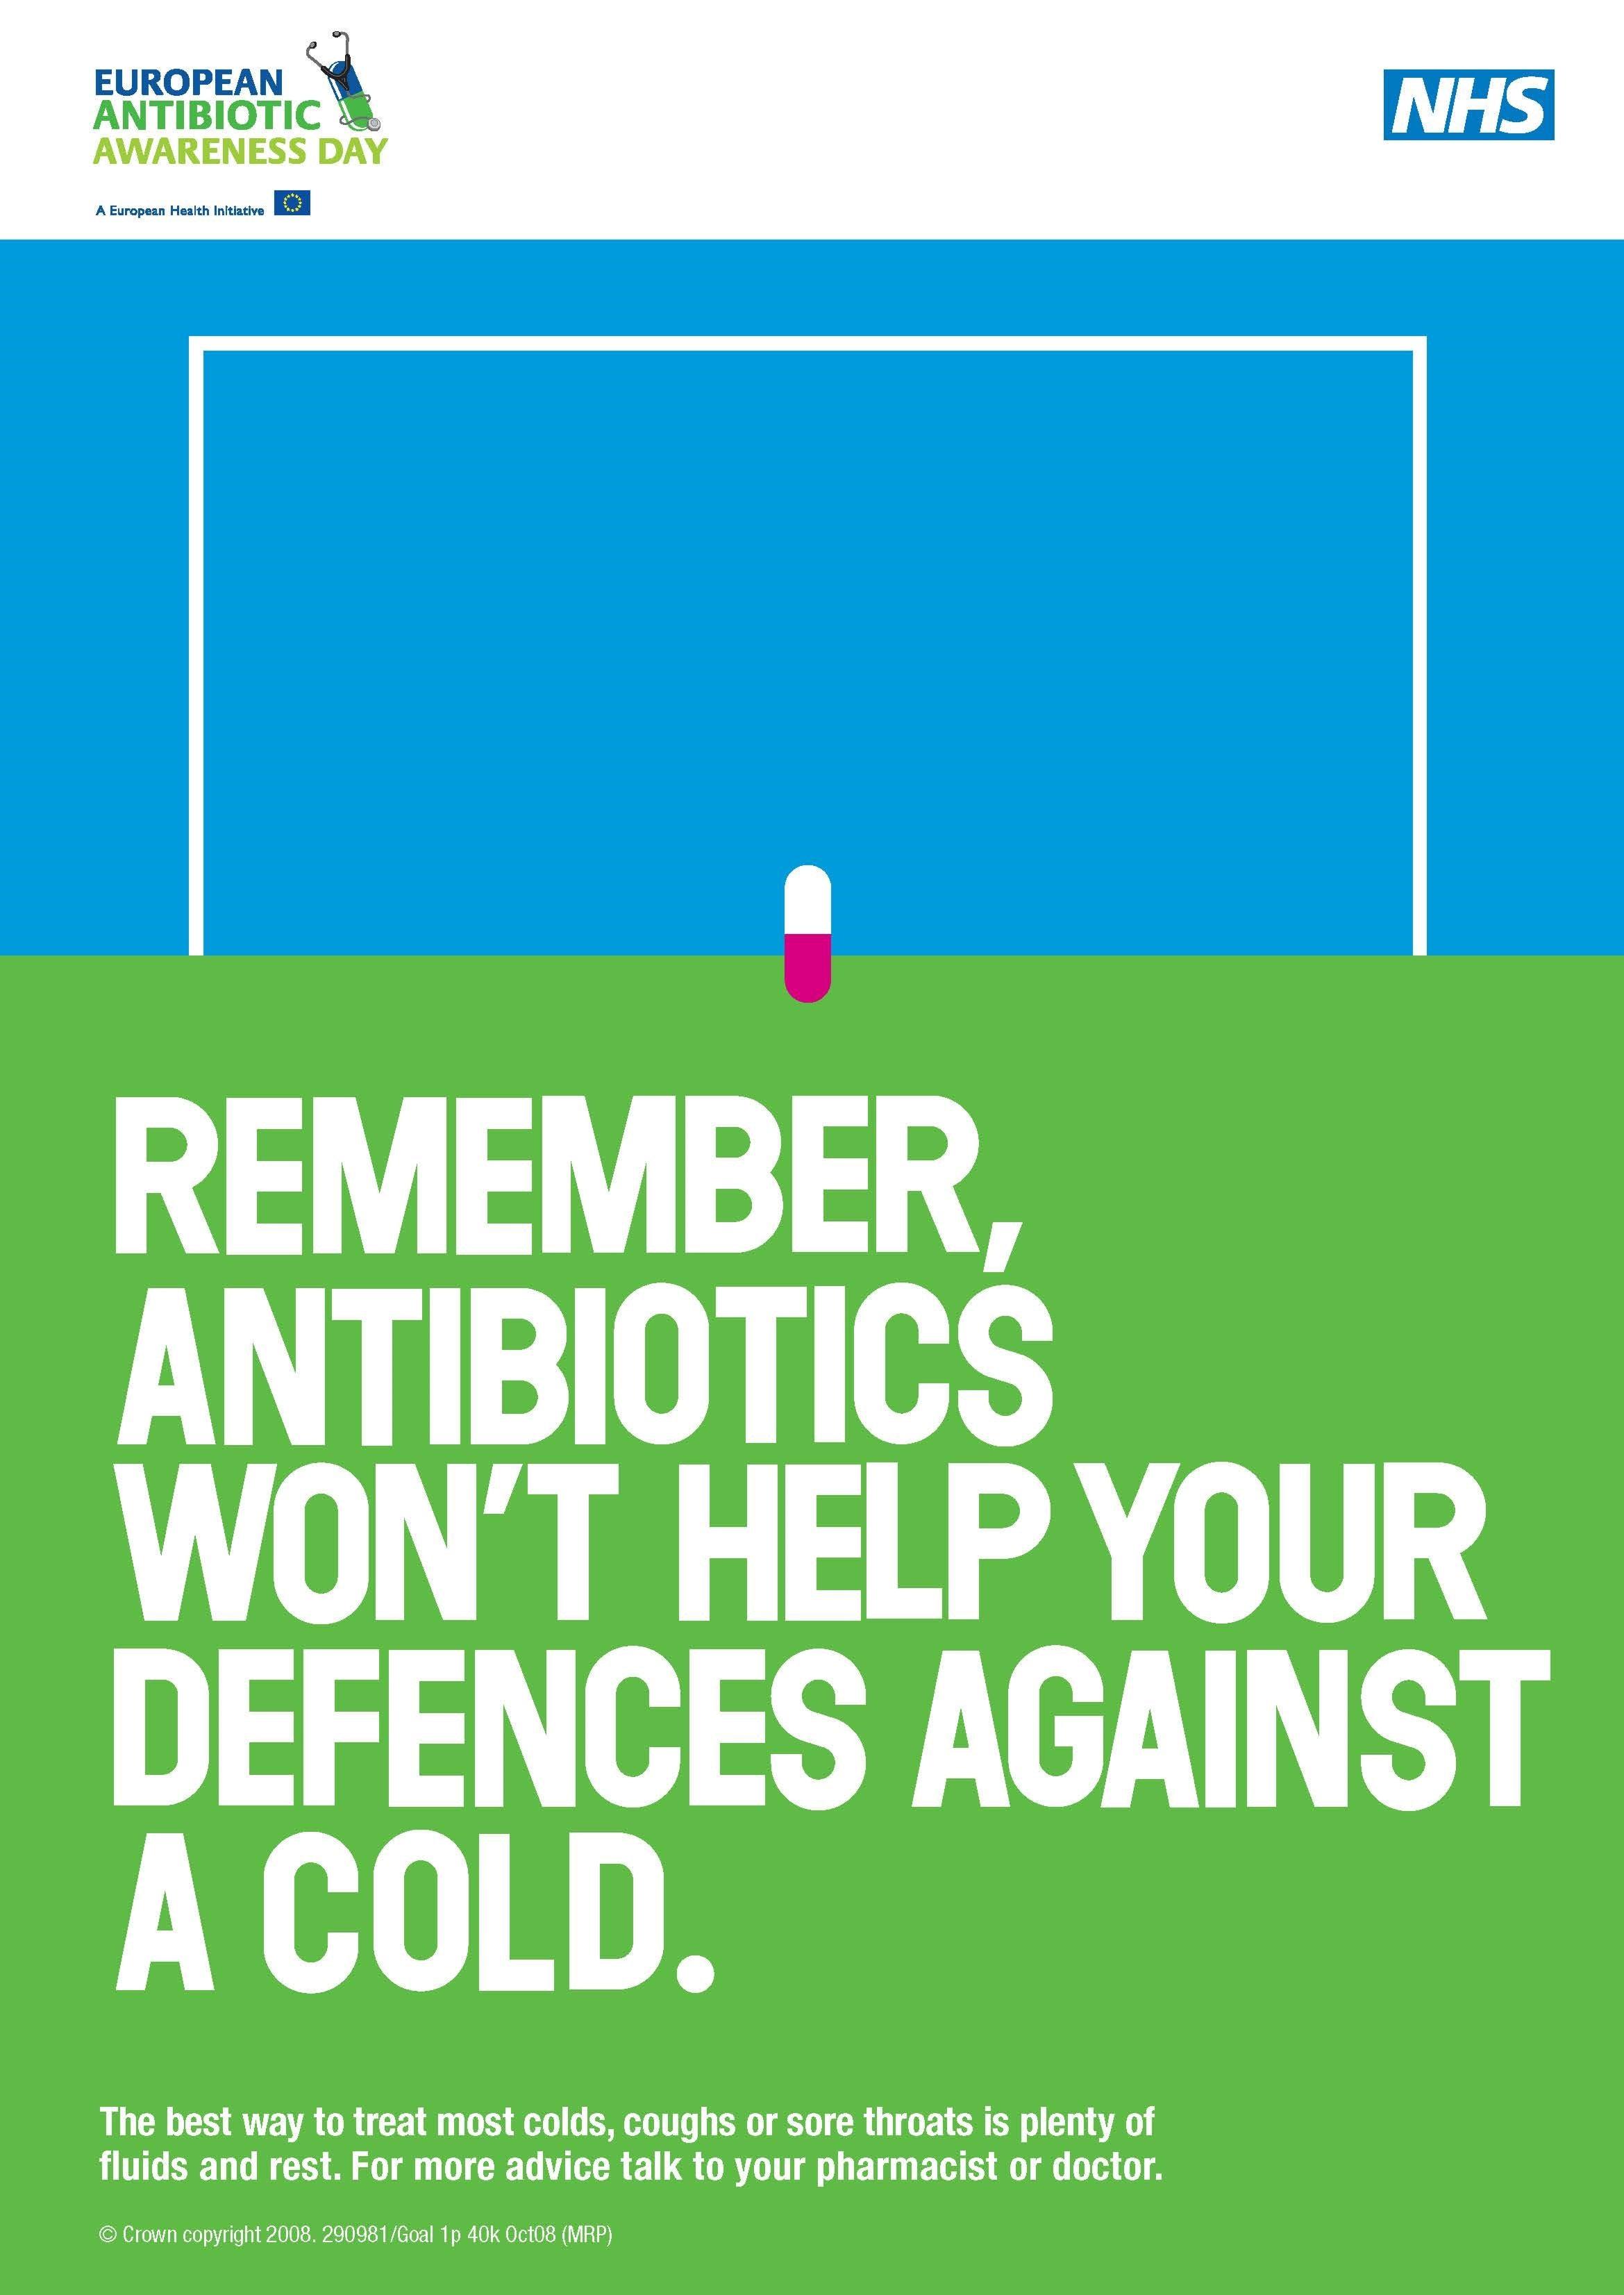 NHS antibiotics campaign